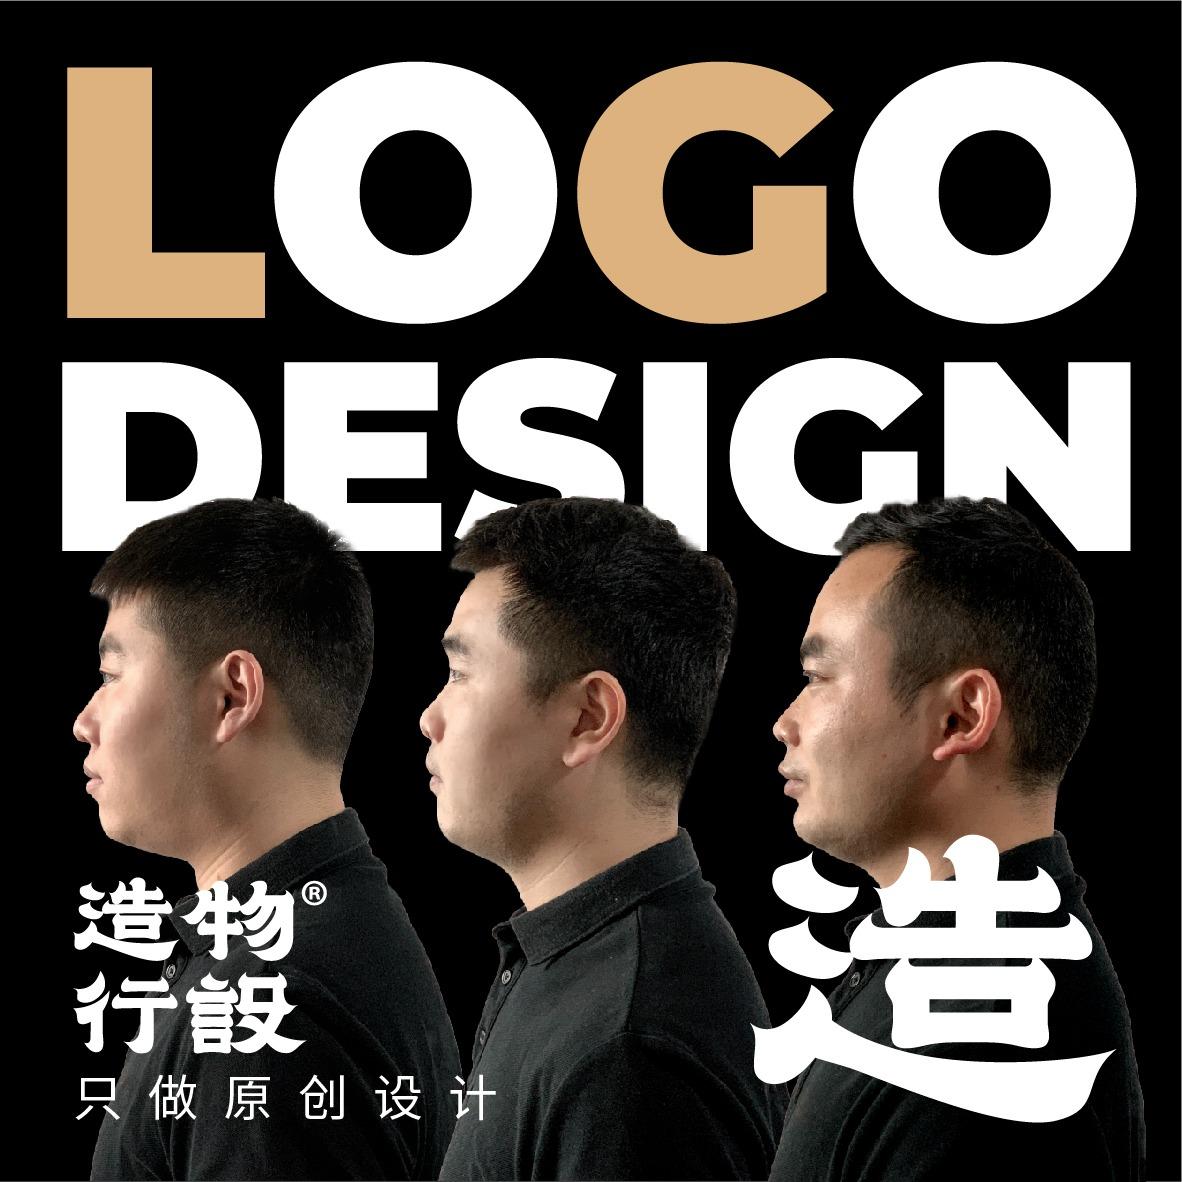 创意总监卡通商标公司 logo 标志英文字体VI设计餐饮品牌全案